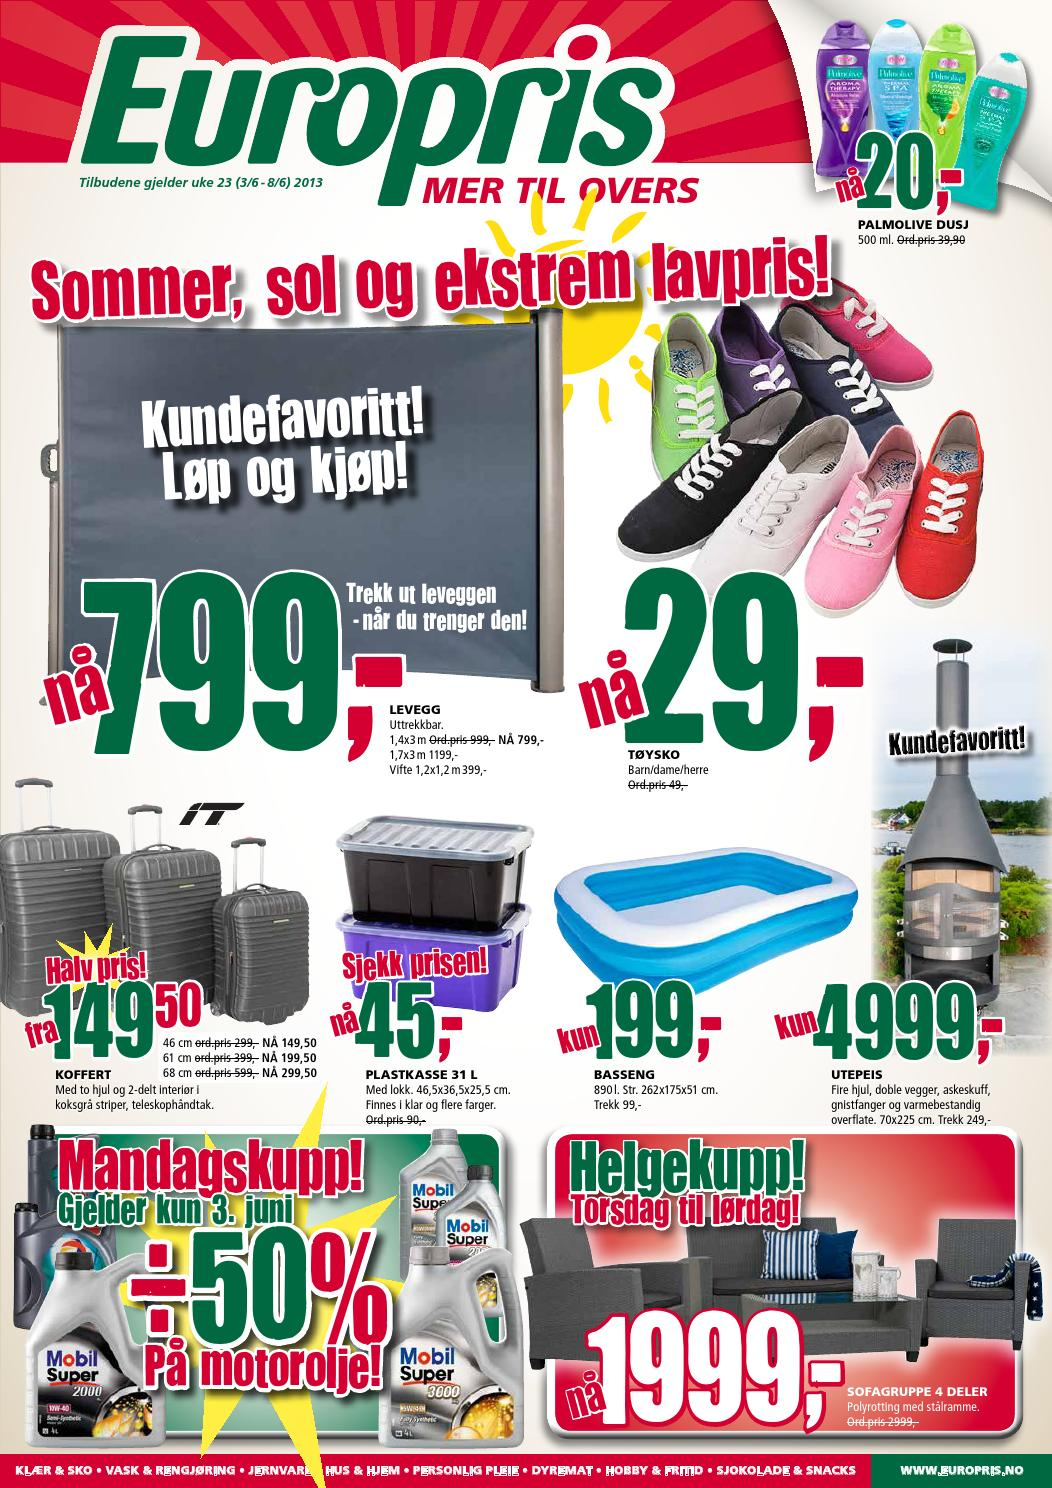 Europris Tom 8juni By Postkassereklame No Issuu